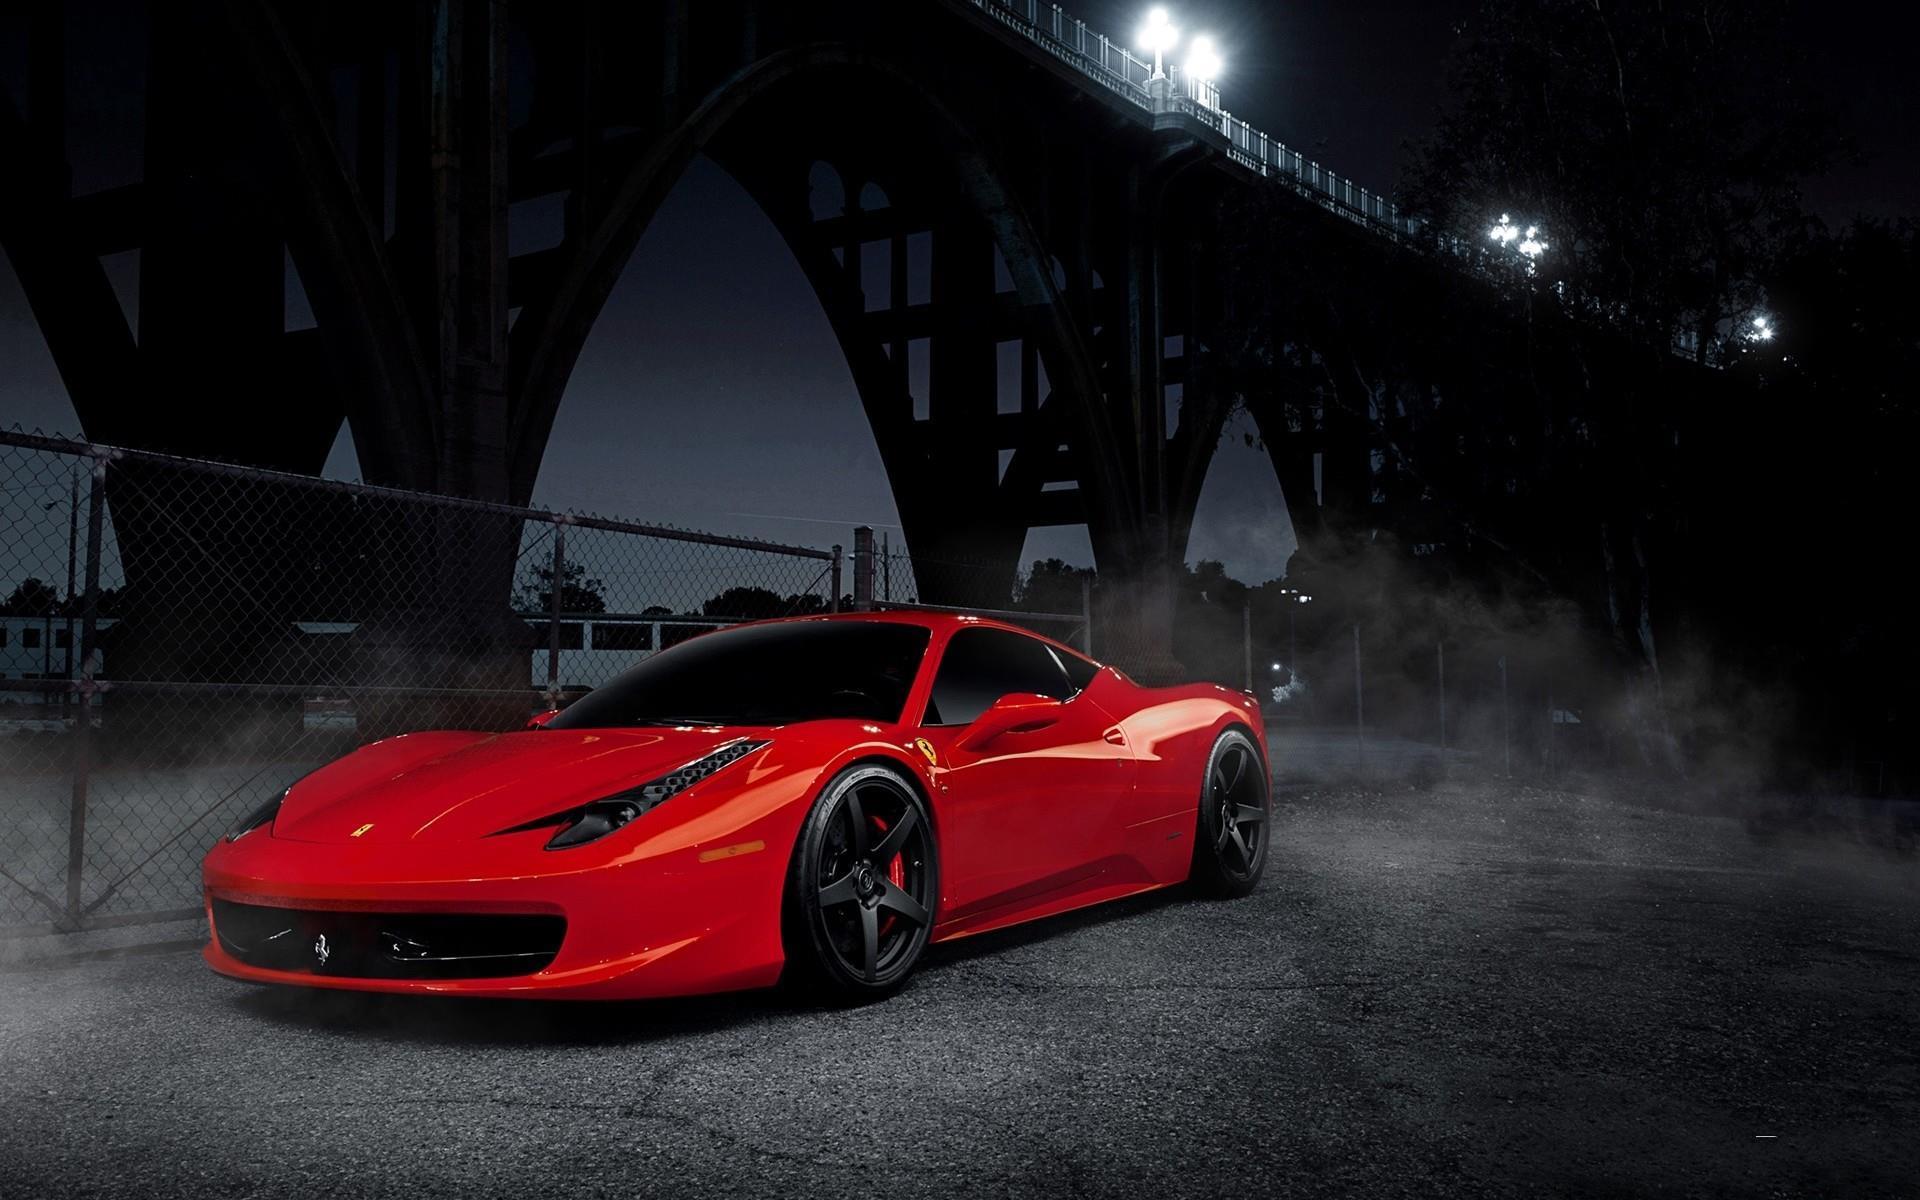 ferrari_fond-ecran-automobile_5